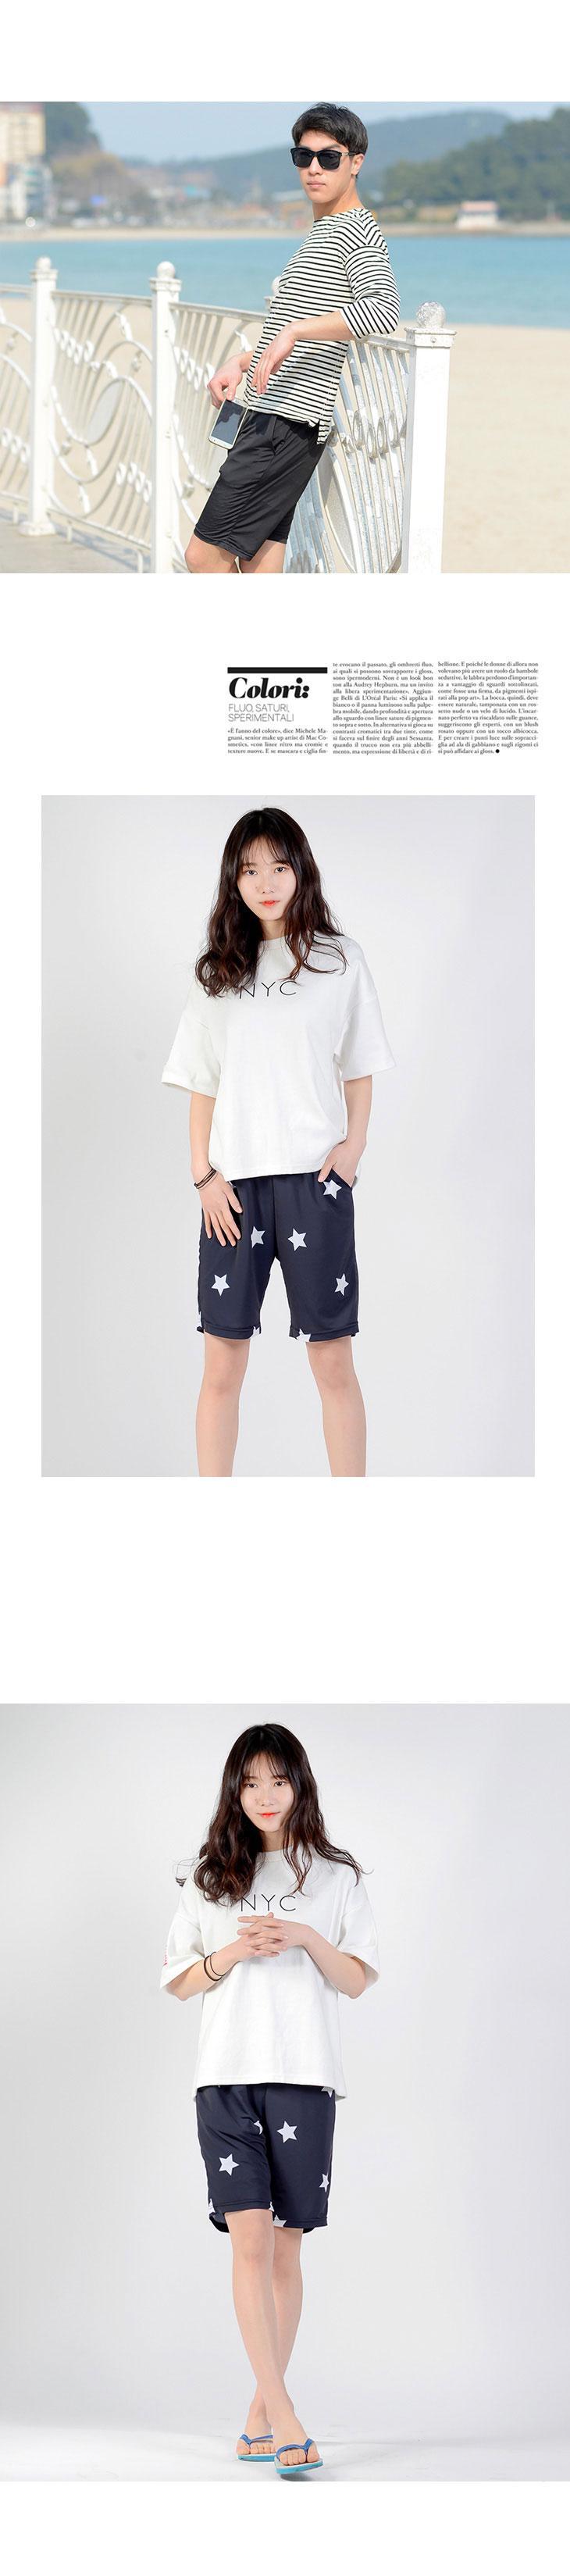 DHO3370 커플남자비치웨어시원한여름쿨반바지 남성패 남성패션반바지 패션반바지 여름바지 패셩바지 반바지